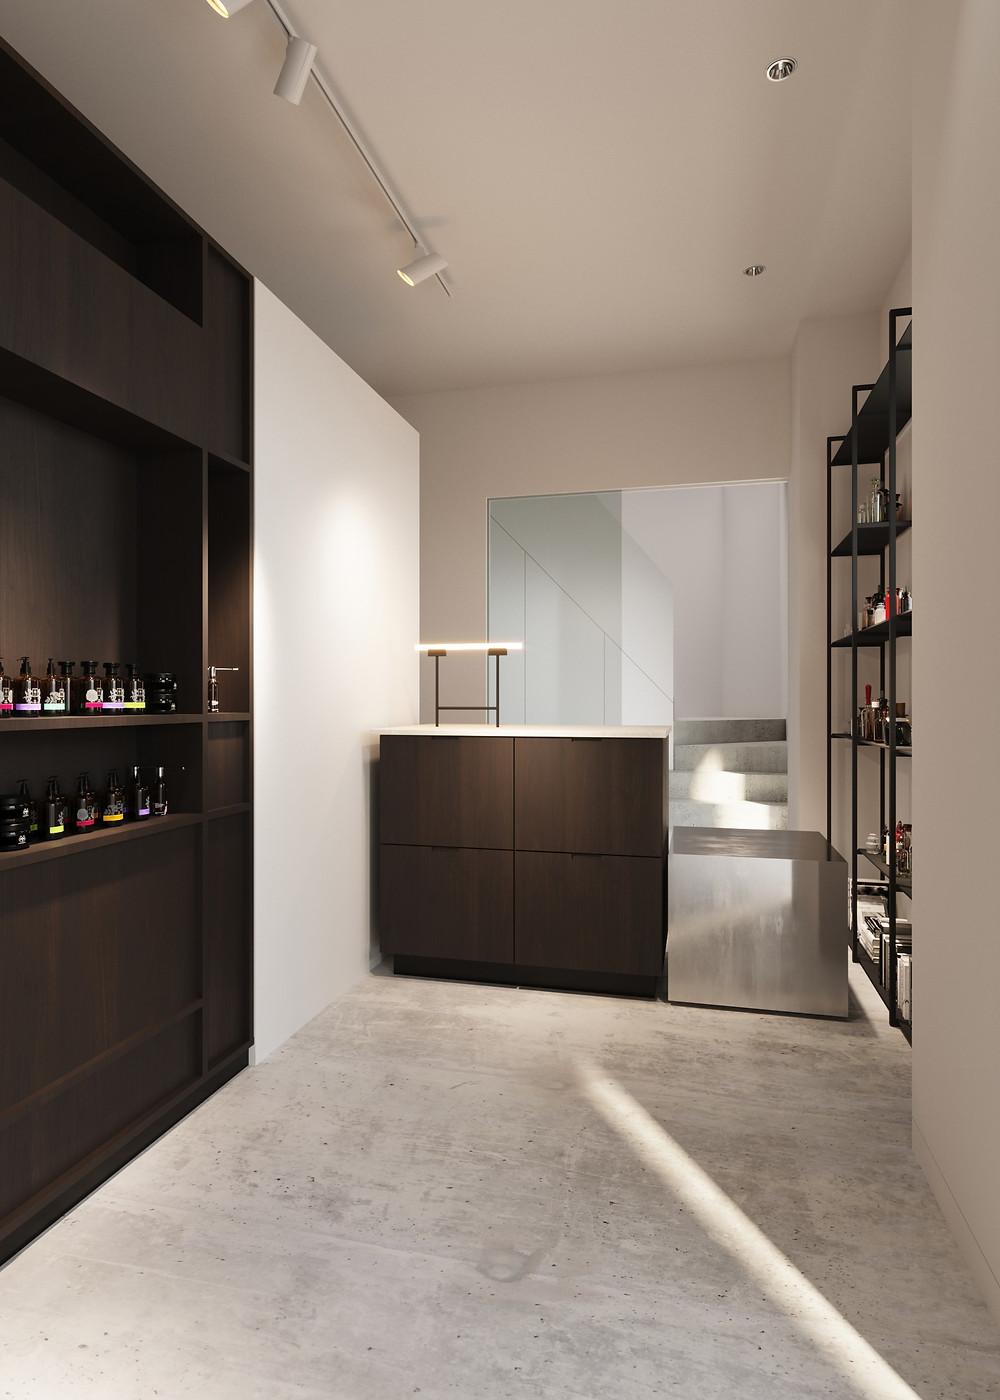 Interior design pharmacy render 03